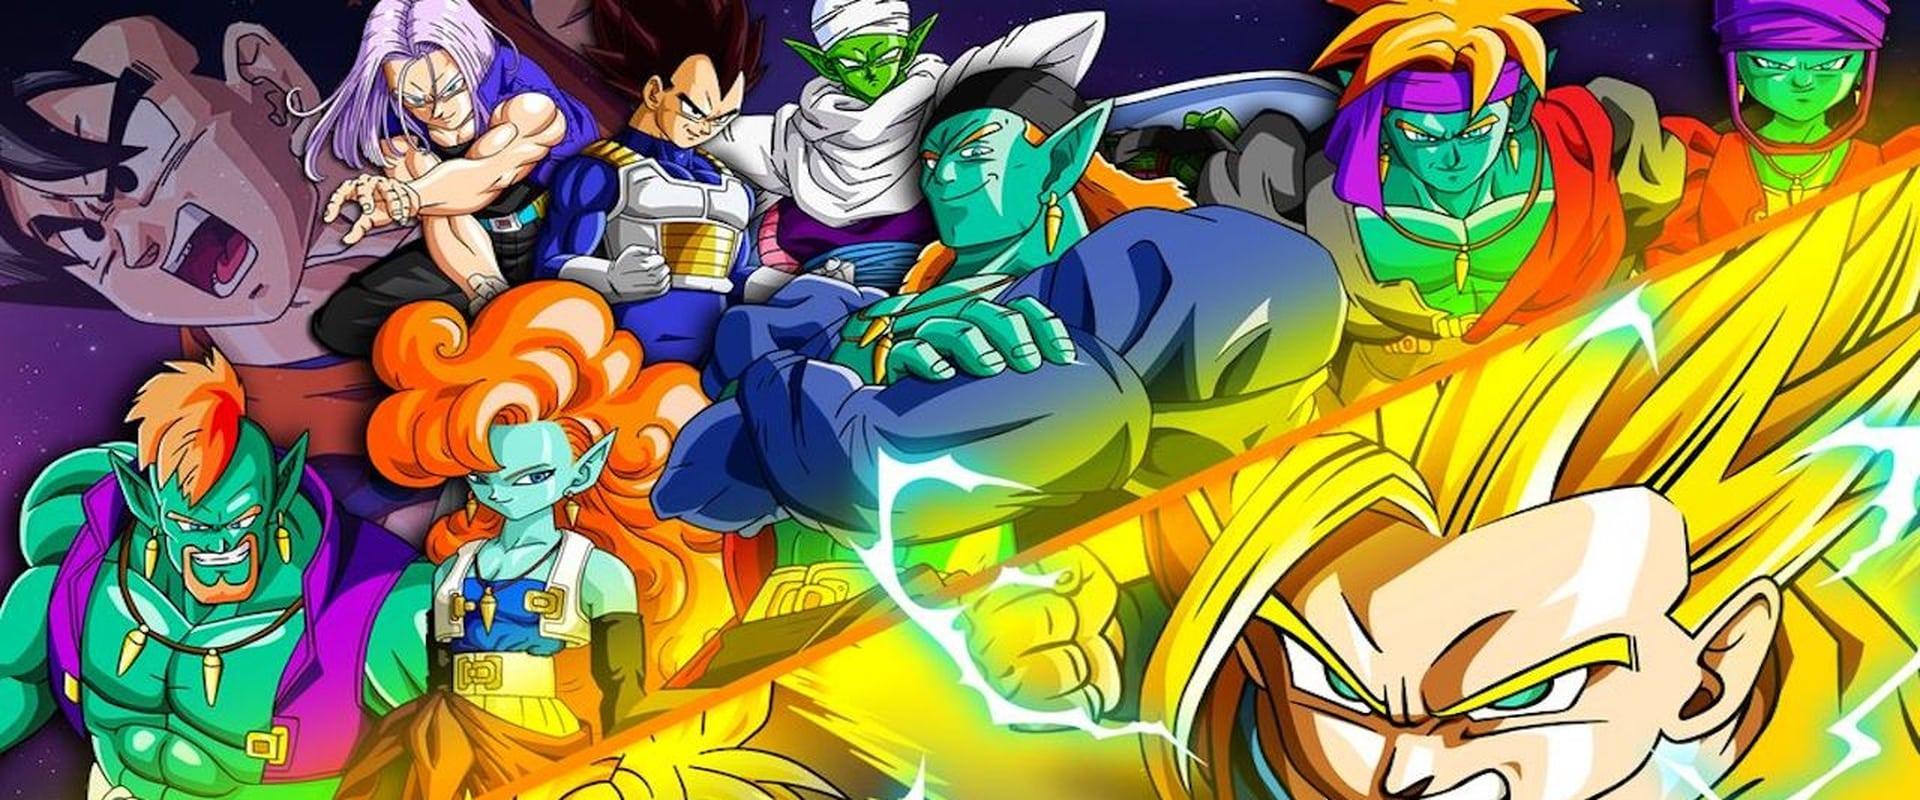 Dragonball Z: Super-Saiyajin Son Gohan